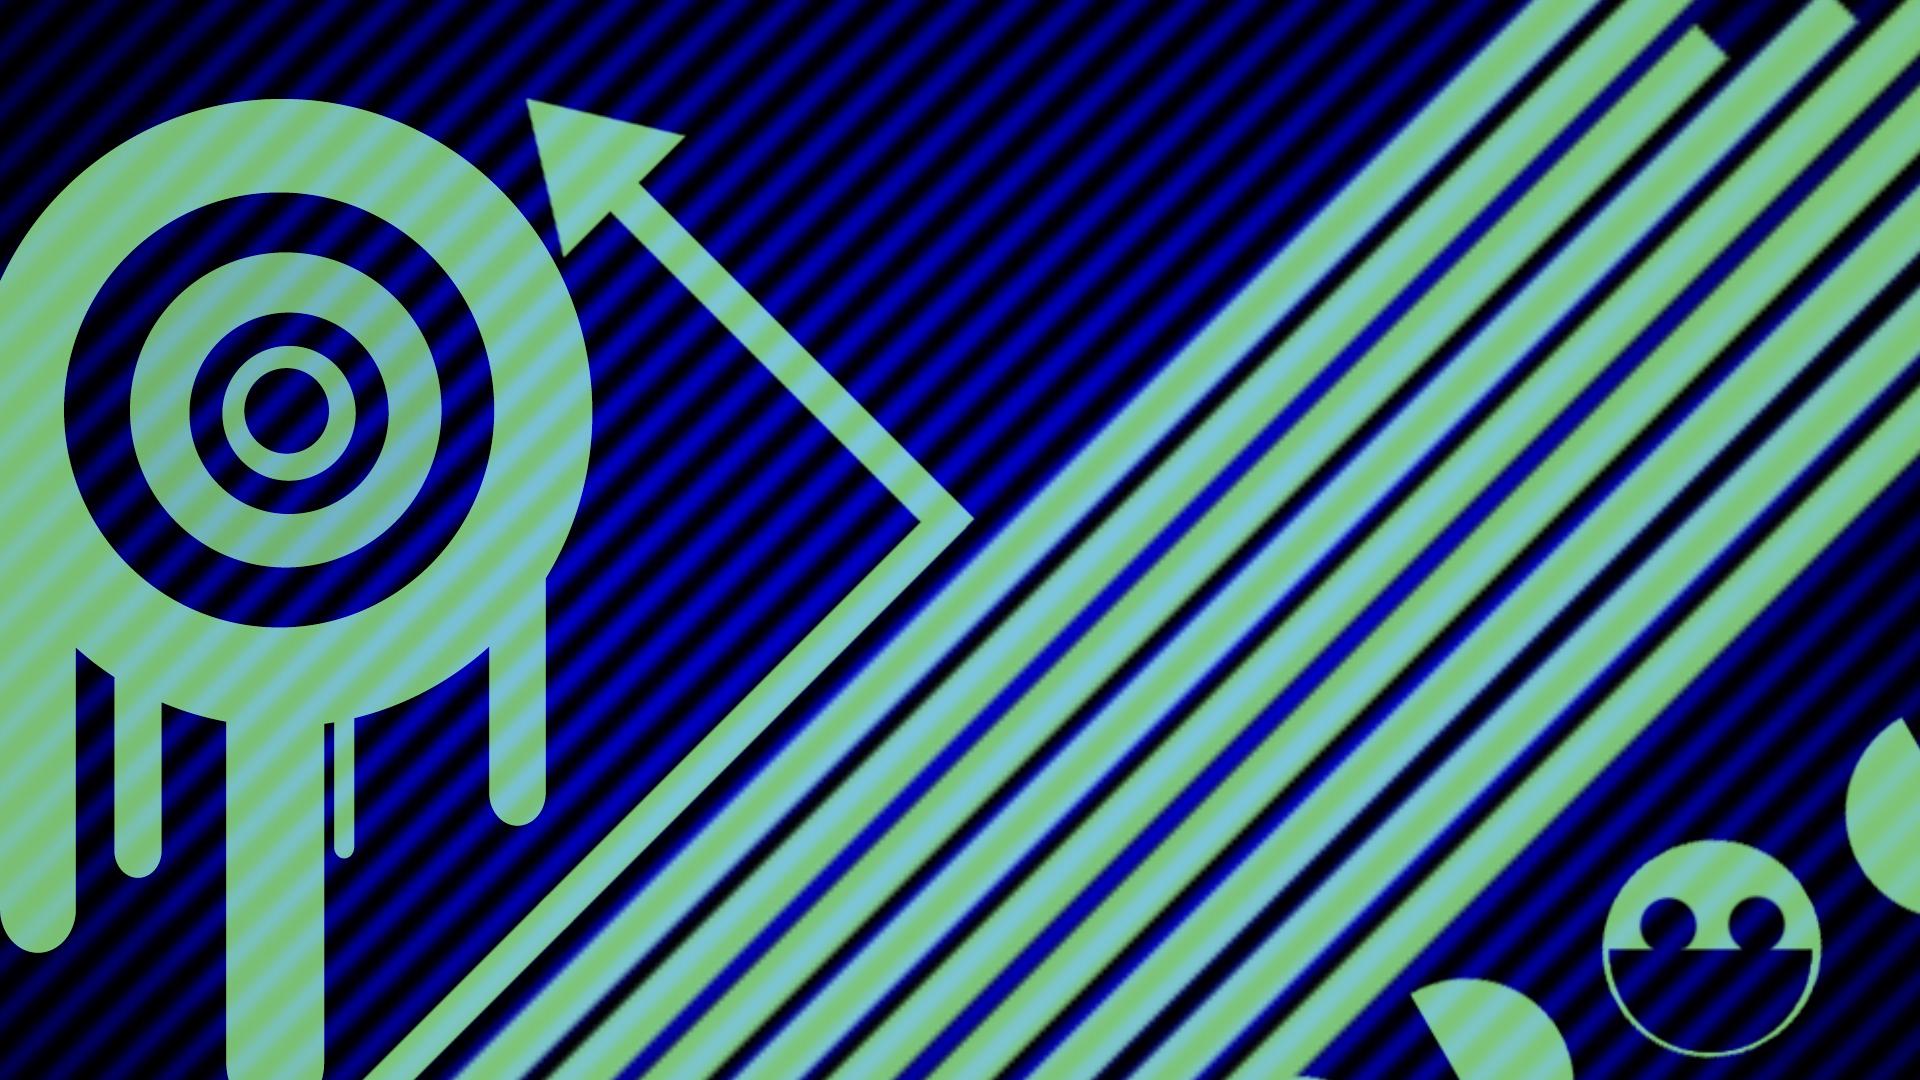 Blue And Green Wallpaper HD | PixelsTalk Net